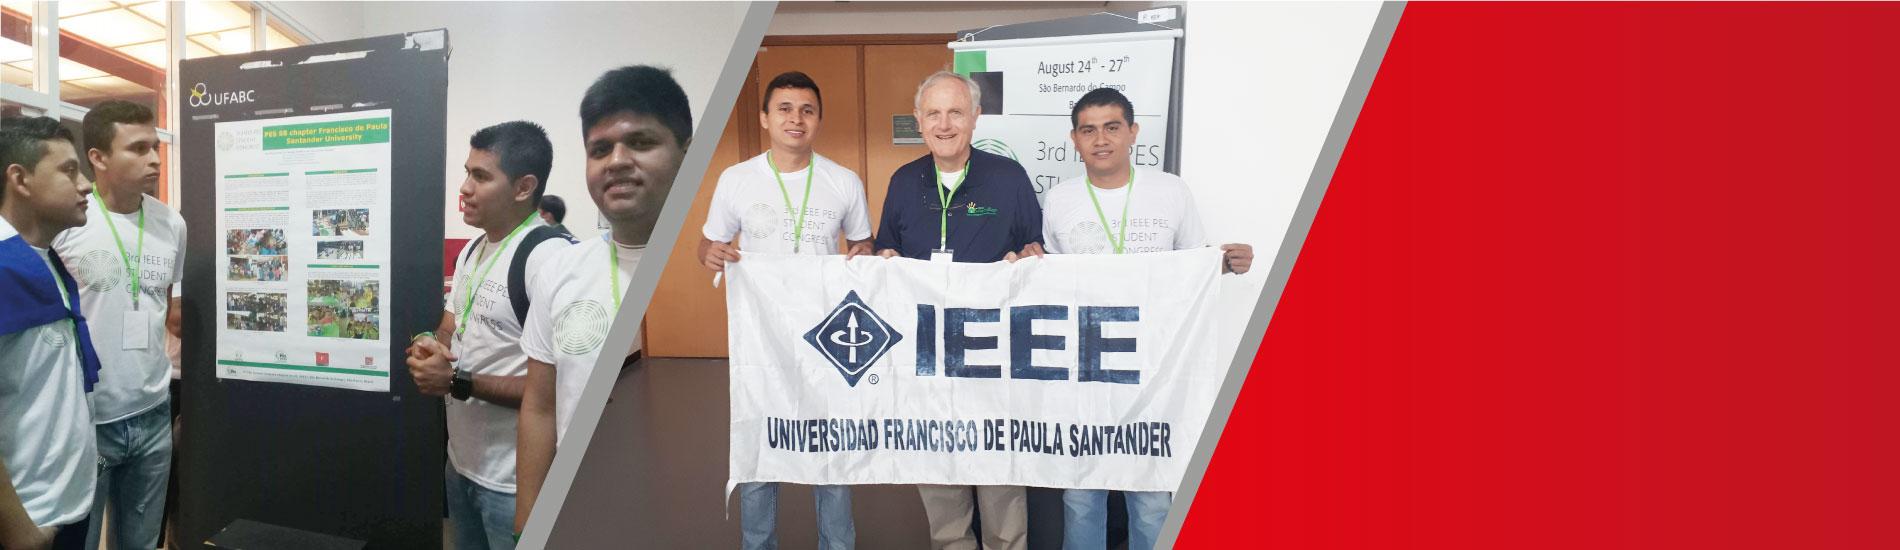 Estudiantes de Ingeniería Electrónica participaron de Congreso liderado por la IEEE en Brasil